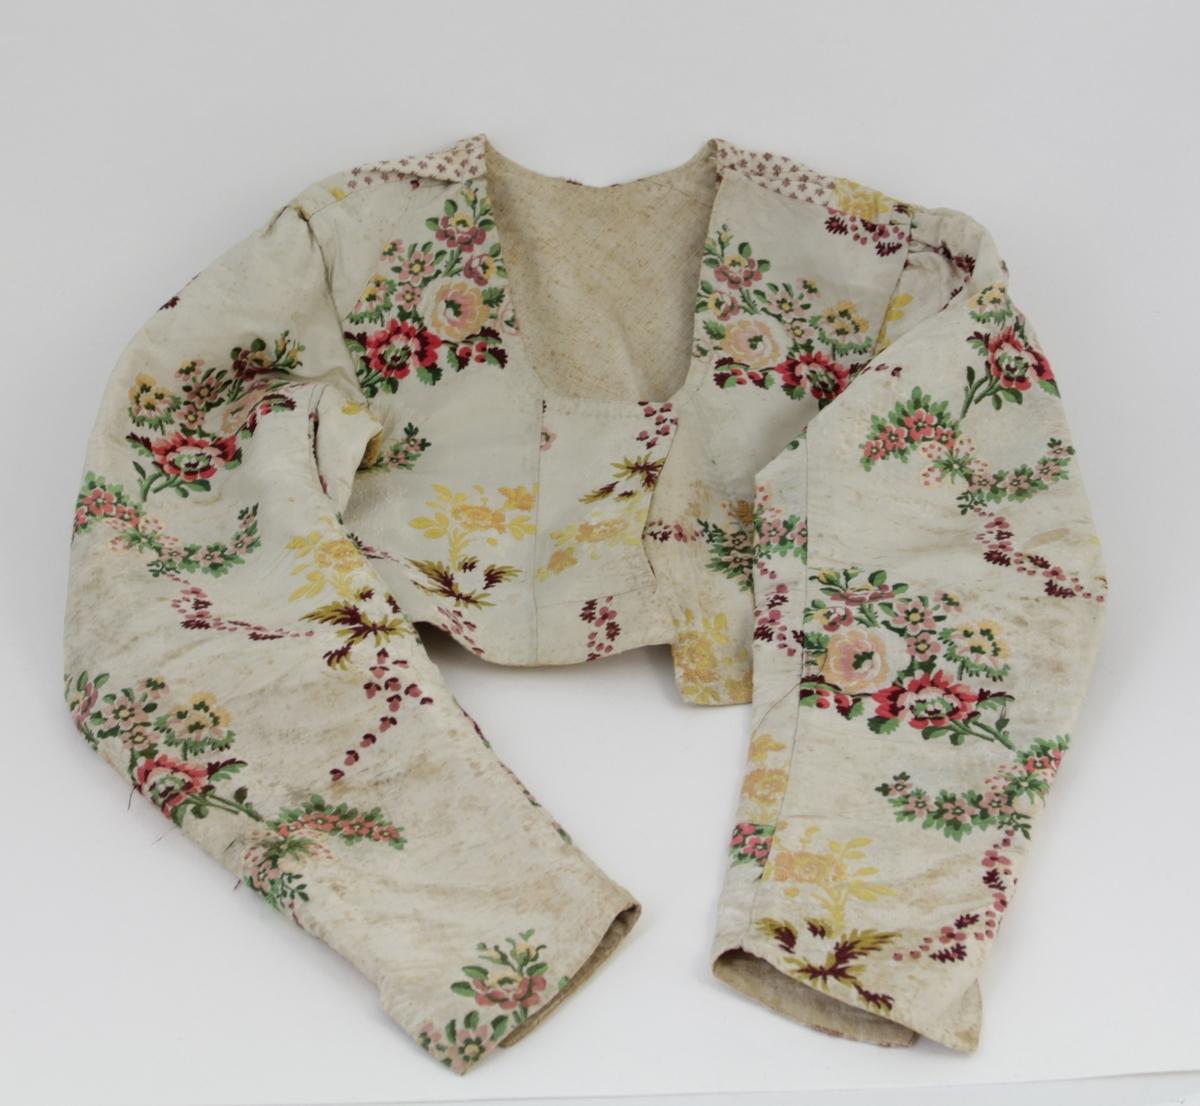 """Deler av den såkalte Mosbybunaden eller Torridalsdrakta. Liv, trøye og sjal. Det er usikkert om de tre delene hører komplett sammen, eller om de har blitt brukt til forskjellige tider.  a) trøye eller jakke i brosjert silke. blomstermønster i gult, rosa, brunt og grønt. Foret med linlerret, skjøtet med bomullsstoff under armene og ved skuldersømmer. Dette stoffet er hvitt med små blomster. Rund hals. Ingen spor etter hekter eller annen lukkemekanisme foran. Ermene er ledd rynket på toppen. Splitt i bunnen av ermene. Hele trøyen er håndsydd. Nyere håndsting i halsen for å sy inn, akkurat denne delen av sømmen er grovt arbeide.   b) liv eller vest i rutet stivt bomullsstoff, med rød som hovedfarge. Sydd sammen av fire deler, to bakstykker og to forstykker. Innsydd i forstykket på begge sider i senere tid. Sydd i kantene med både håndsting og maskinsting. Uklart hvilken søm som er den primære. Foret med ubleket bomullstoff. Lukkes med fire hekter foran, men kun 1 gjenstår. Trekantet kile nederst bak. Kalt """"opplut"""" i registrering fra Torridal historielag. c) sjal eller tørkle i ullmusselin, 6 tråder """"tafs"""" 6x8 cm. I en lys grågul farge, med blomstermønster ordnet i geometriske seksjoner, i blått, grønt og to nyanser av rosa/dyprød."""